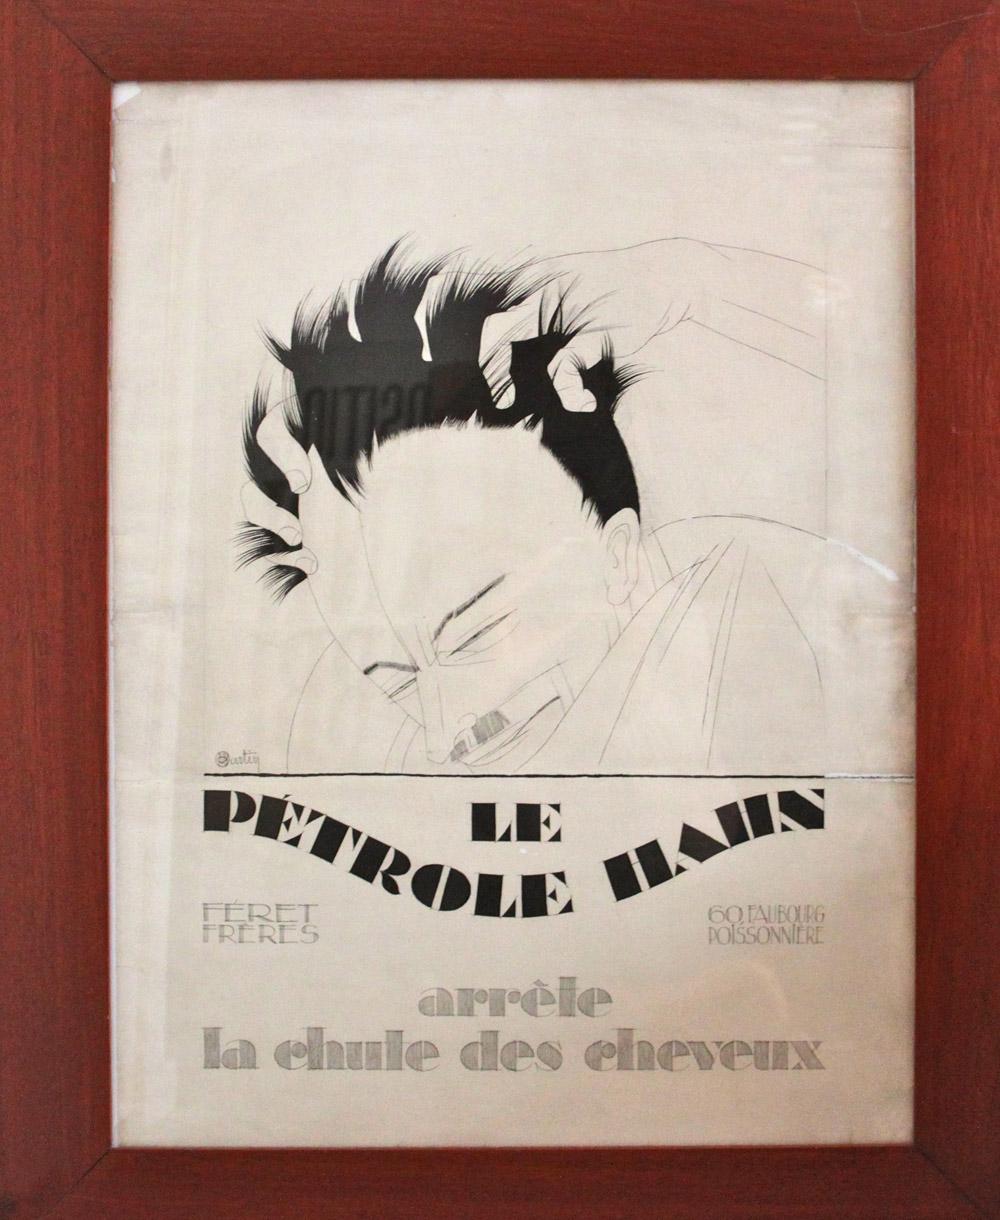 Le Pétrole Hahn | Charles Martin | Le Pétrole Hahn